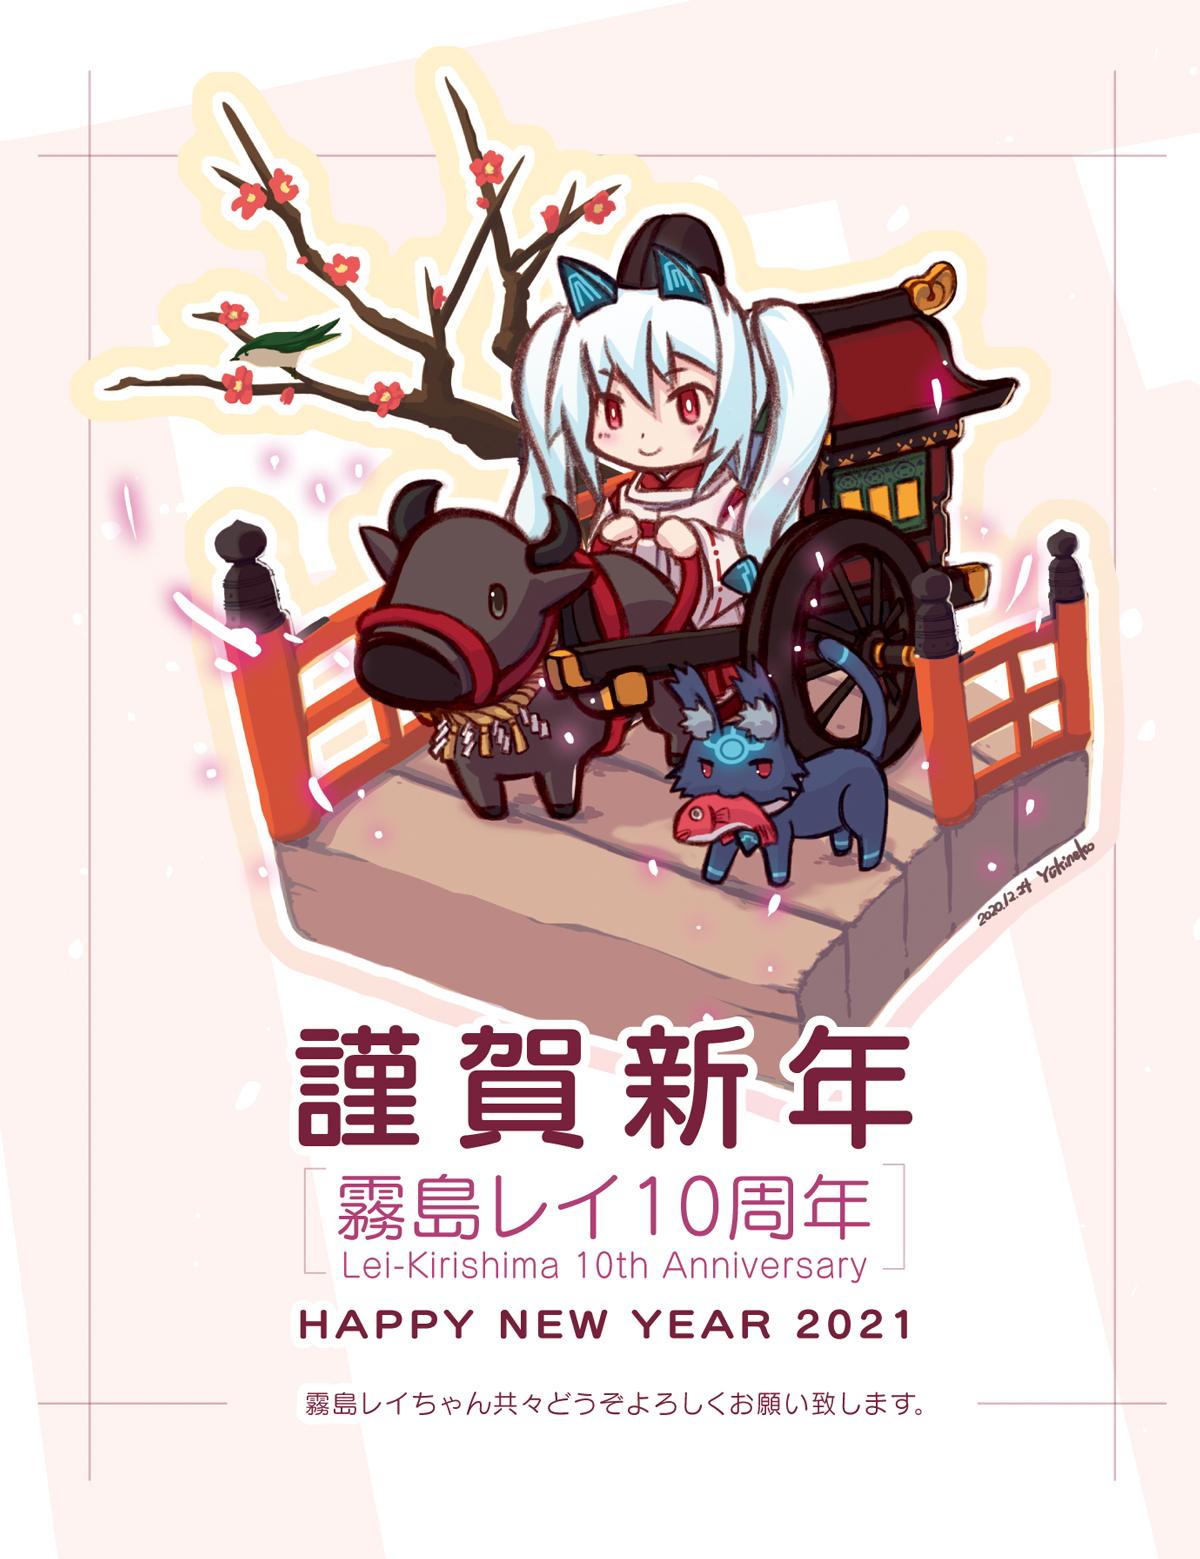 【2021年】新年のご挨拶 記事イメージ